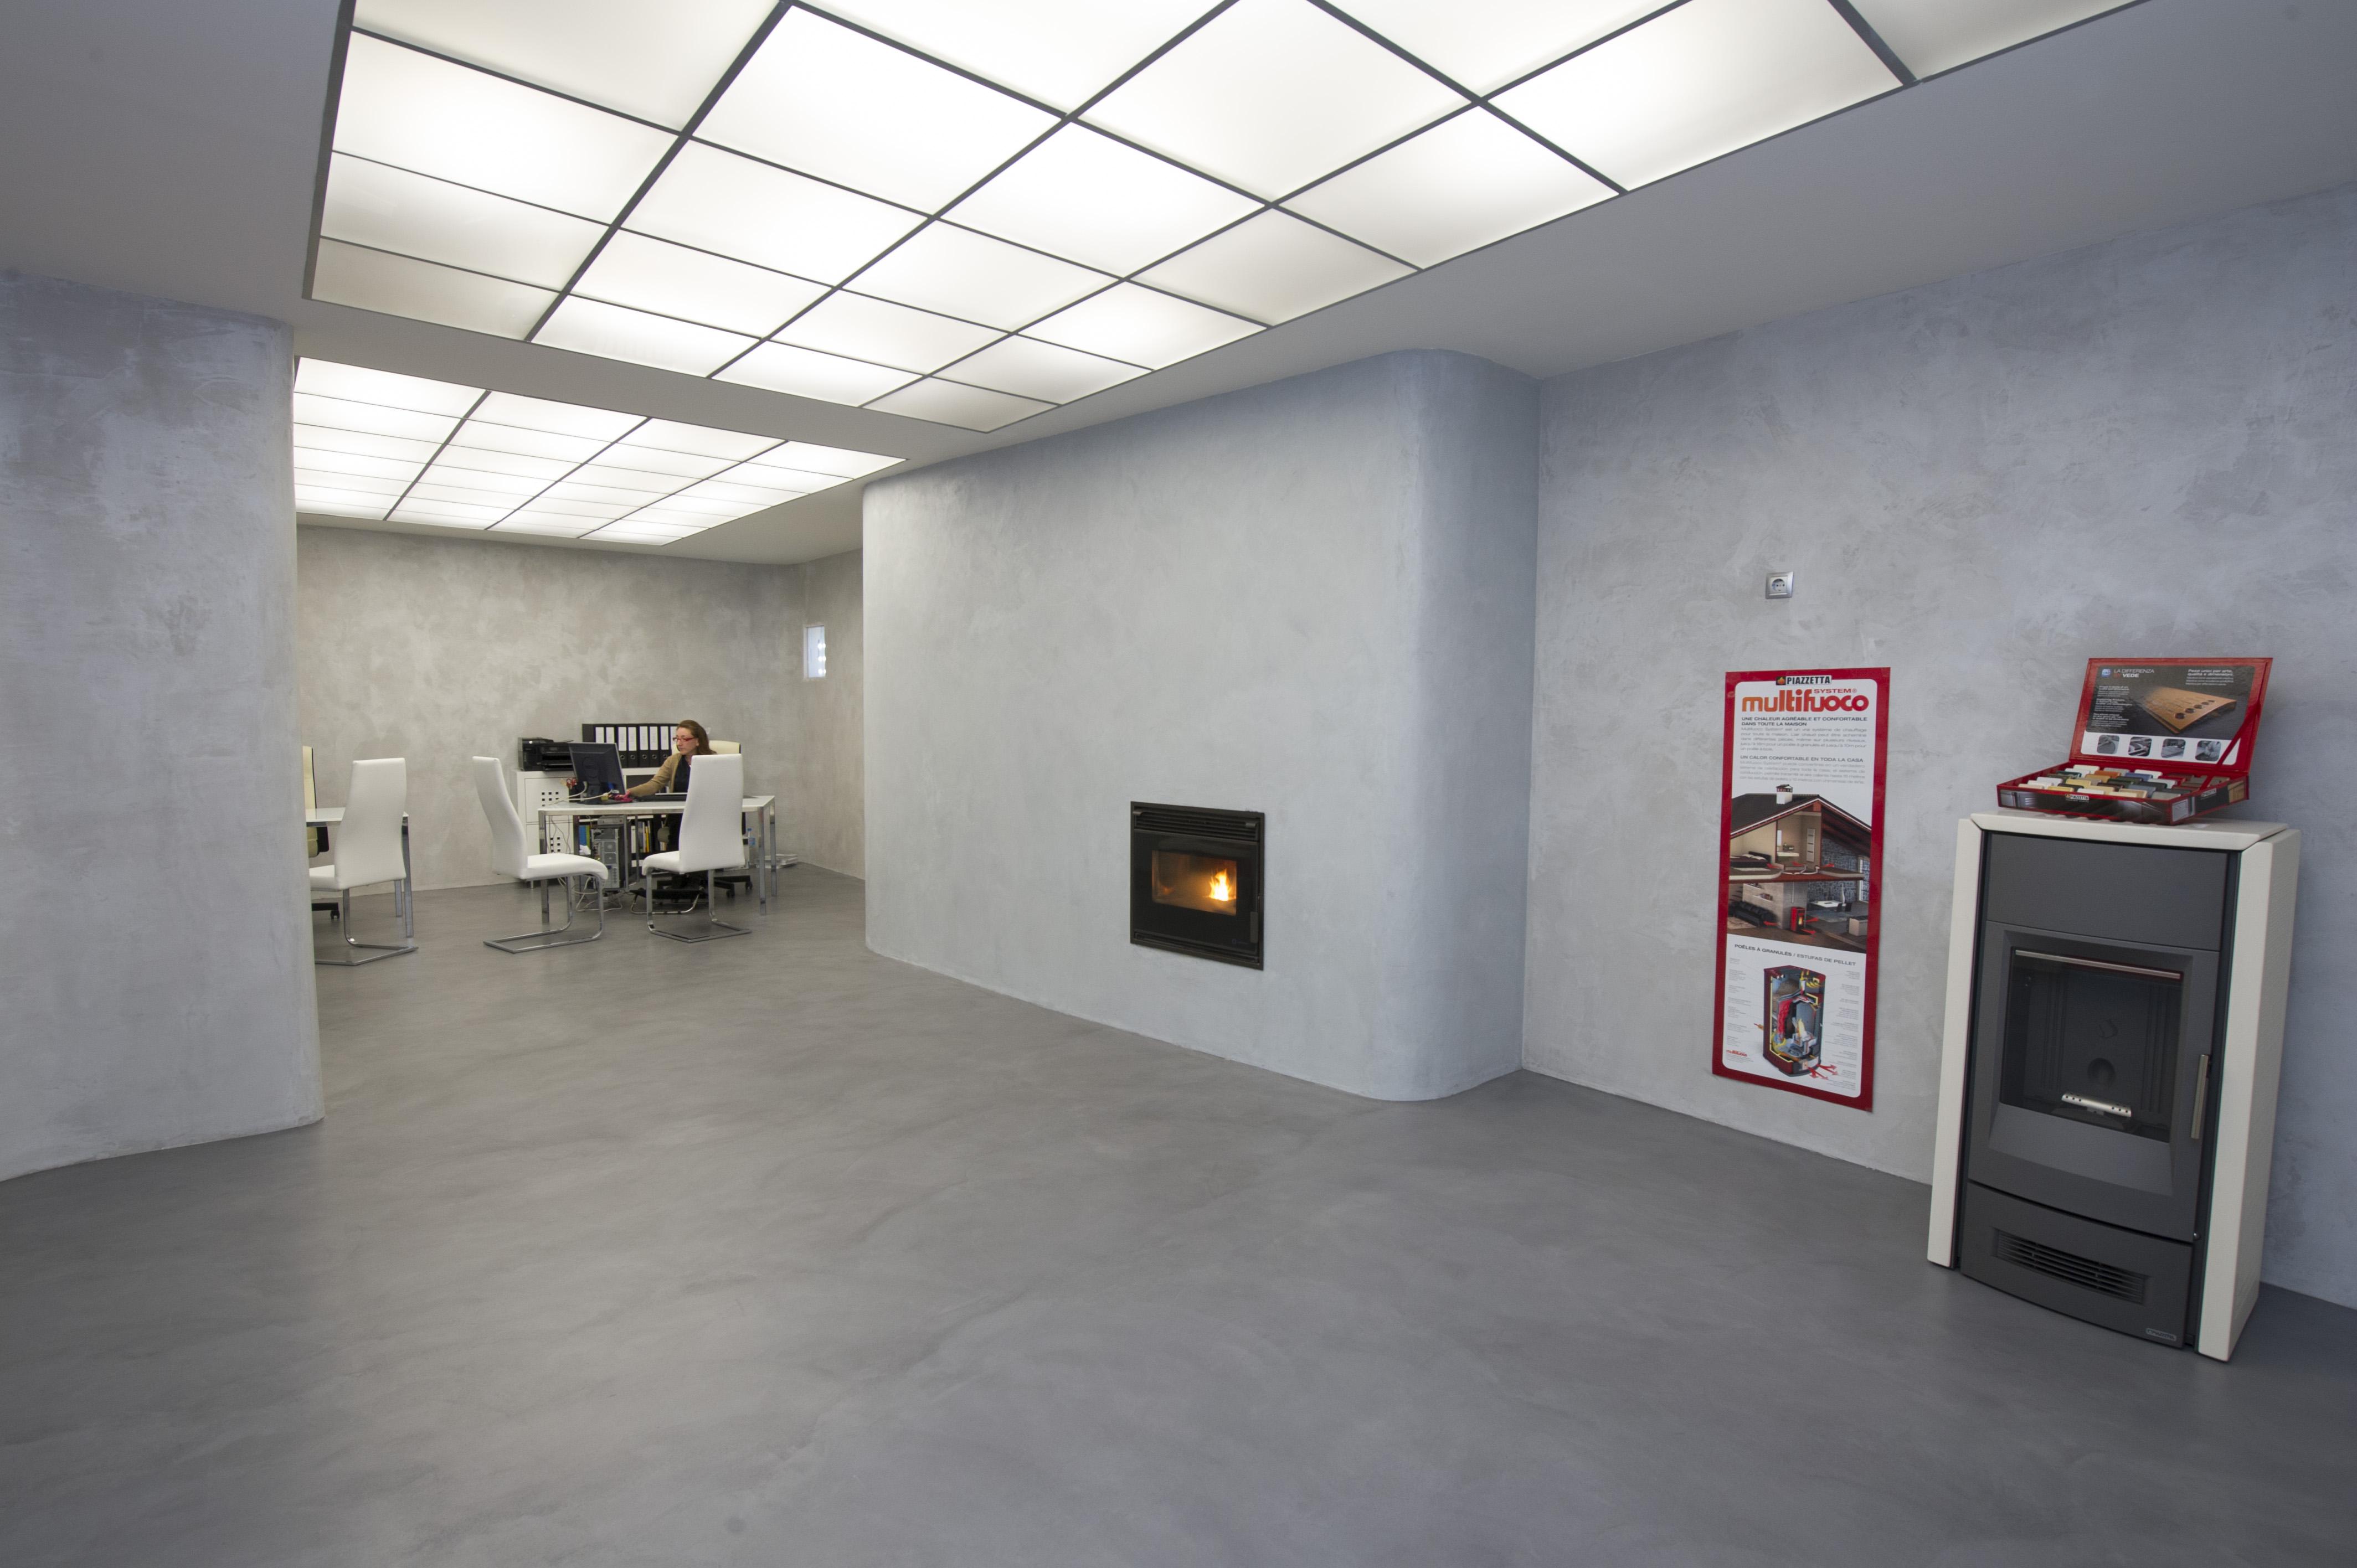 Dorable suelo de cemento pulido elaboraci n ideas de for Suelos de cemento para interiores